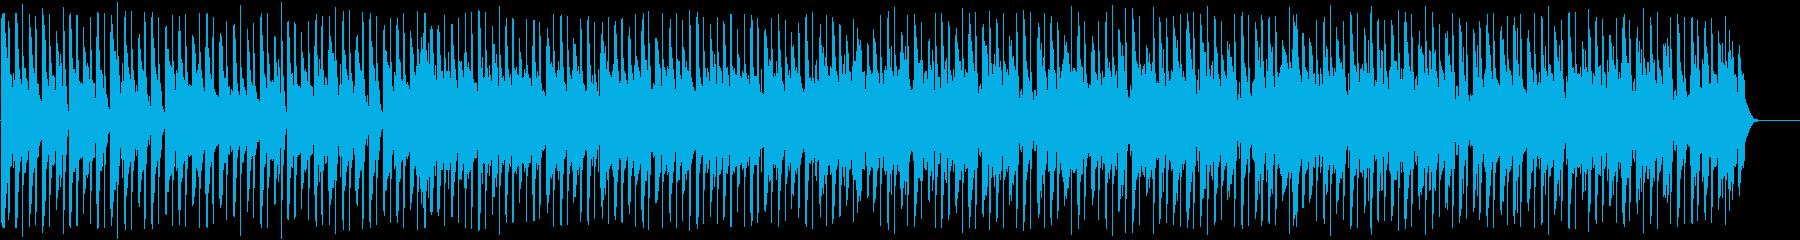 きらびやかなファンクディスコ_612_2の再生済みの波形